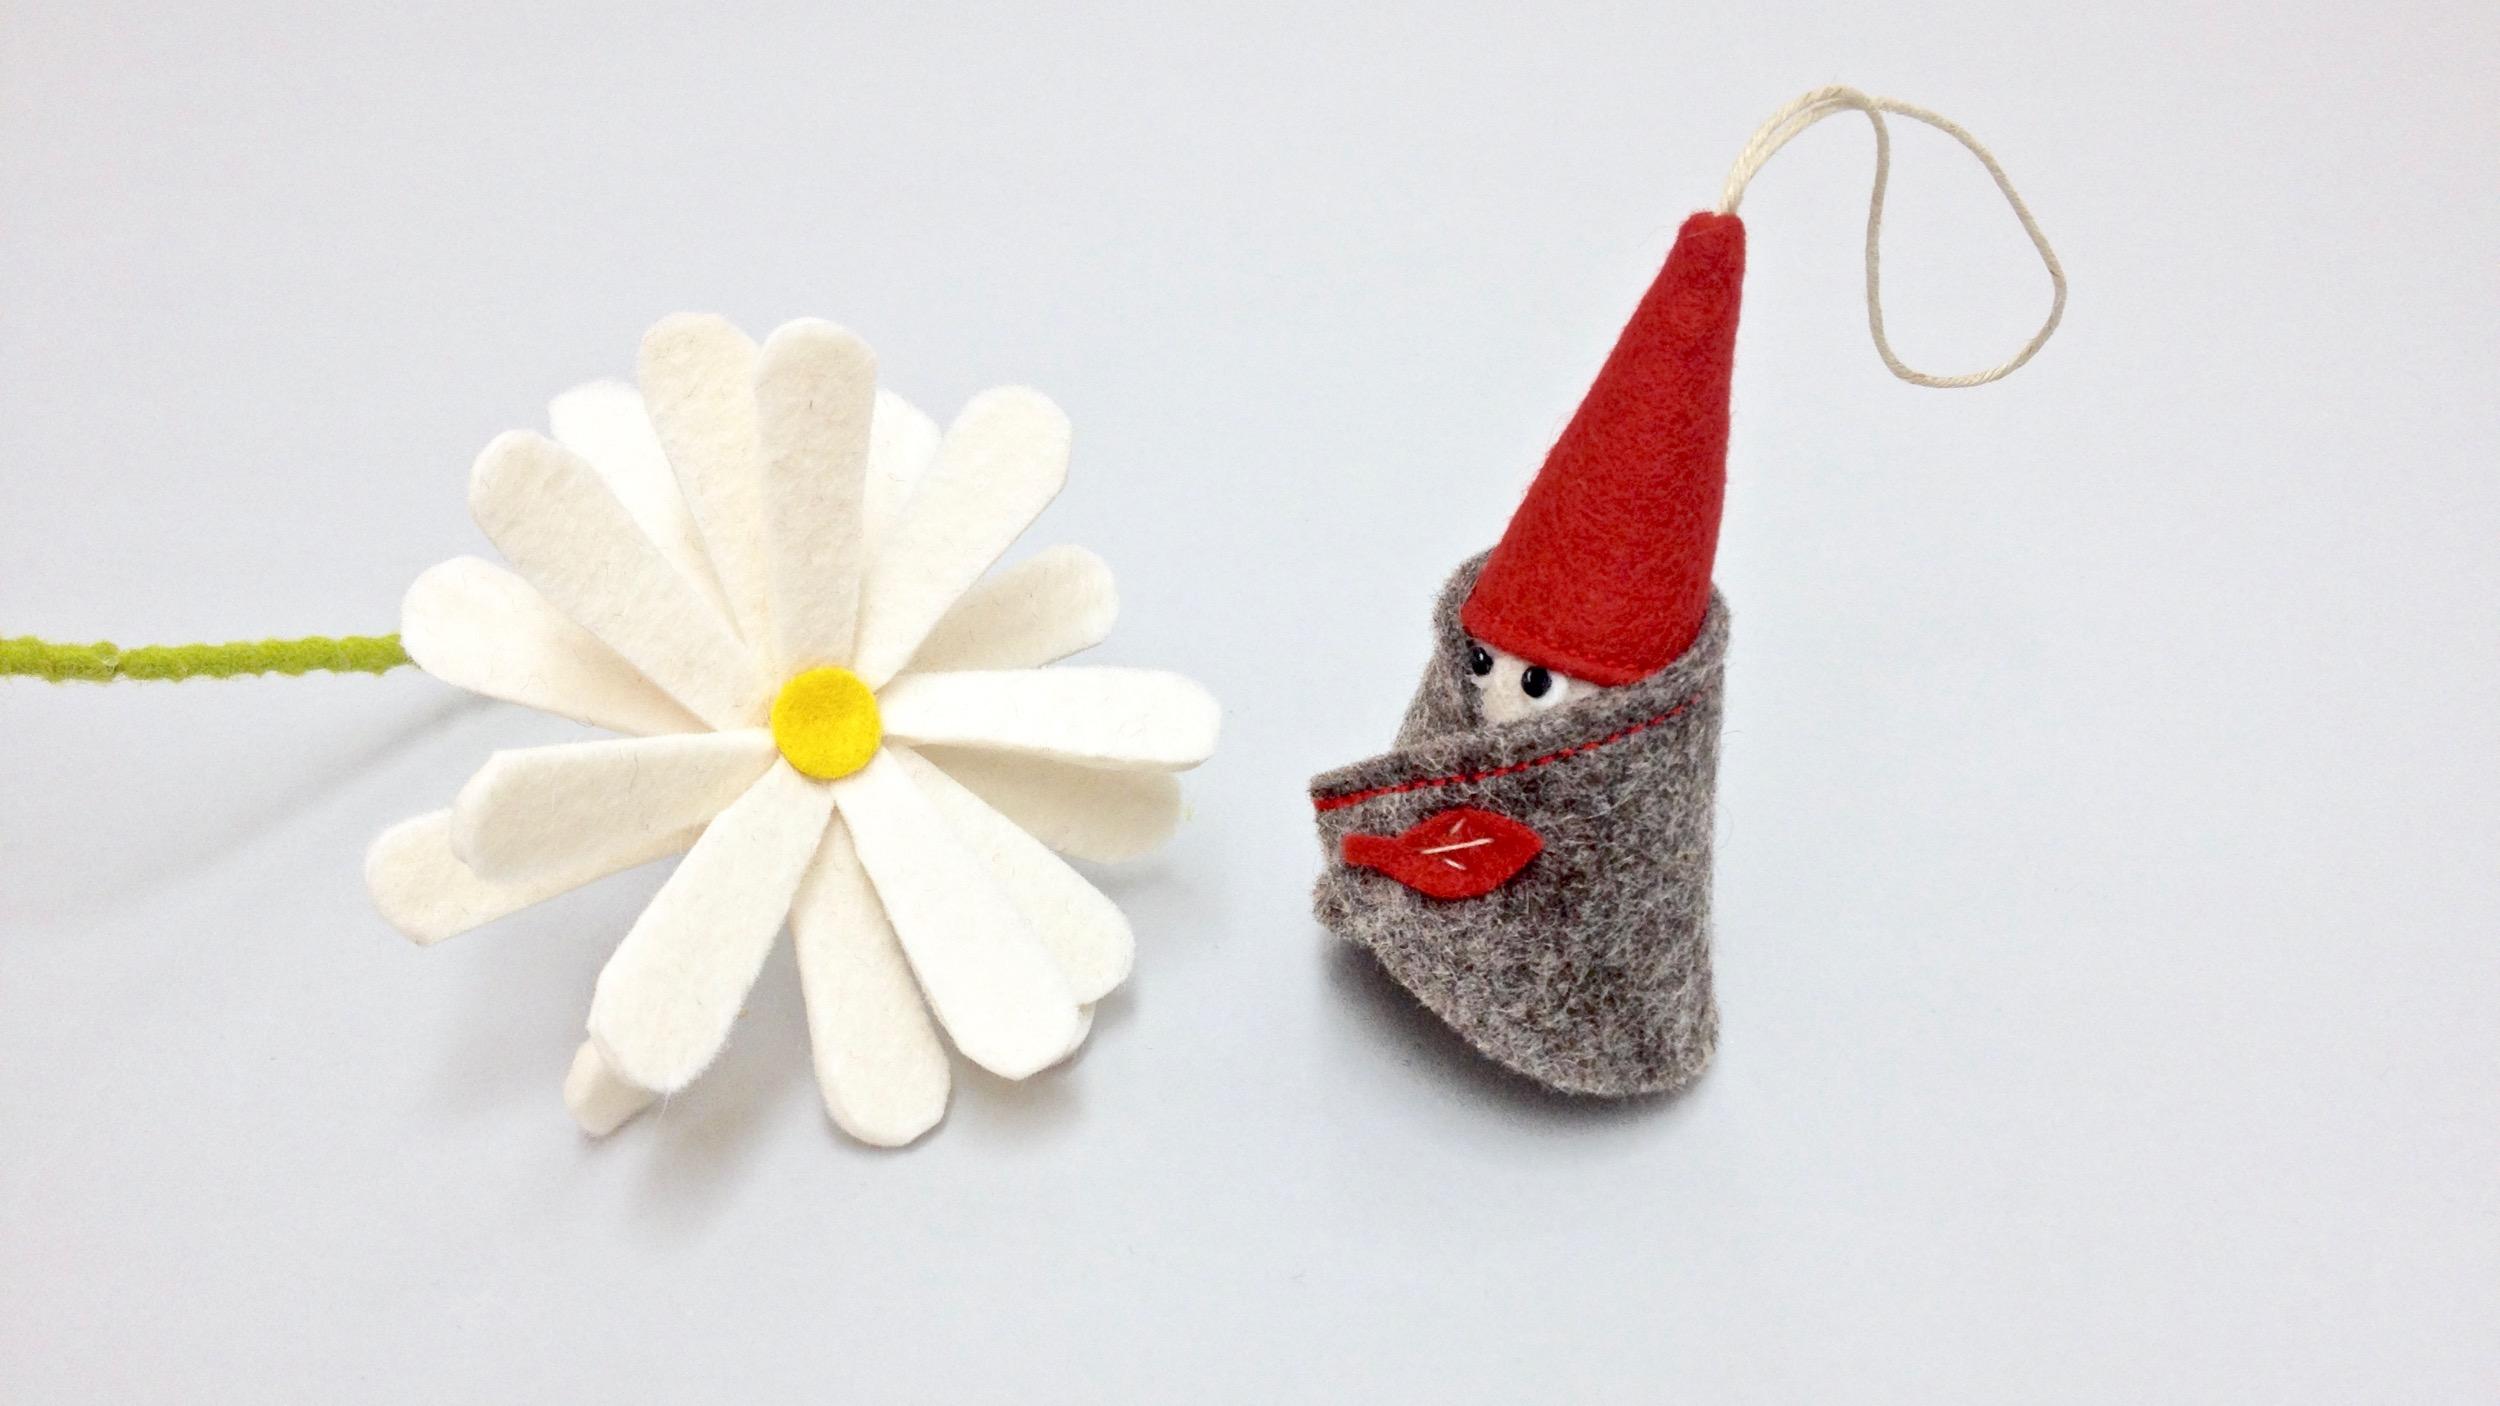 Bilberry Woods storybook drawf handmade from wool felt by Laura Mirjami | Mirjami Design.jpg